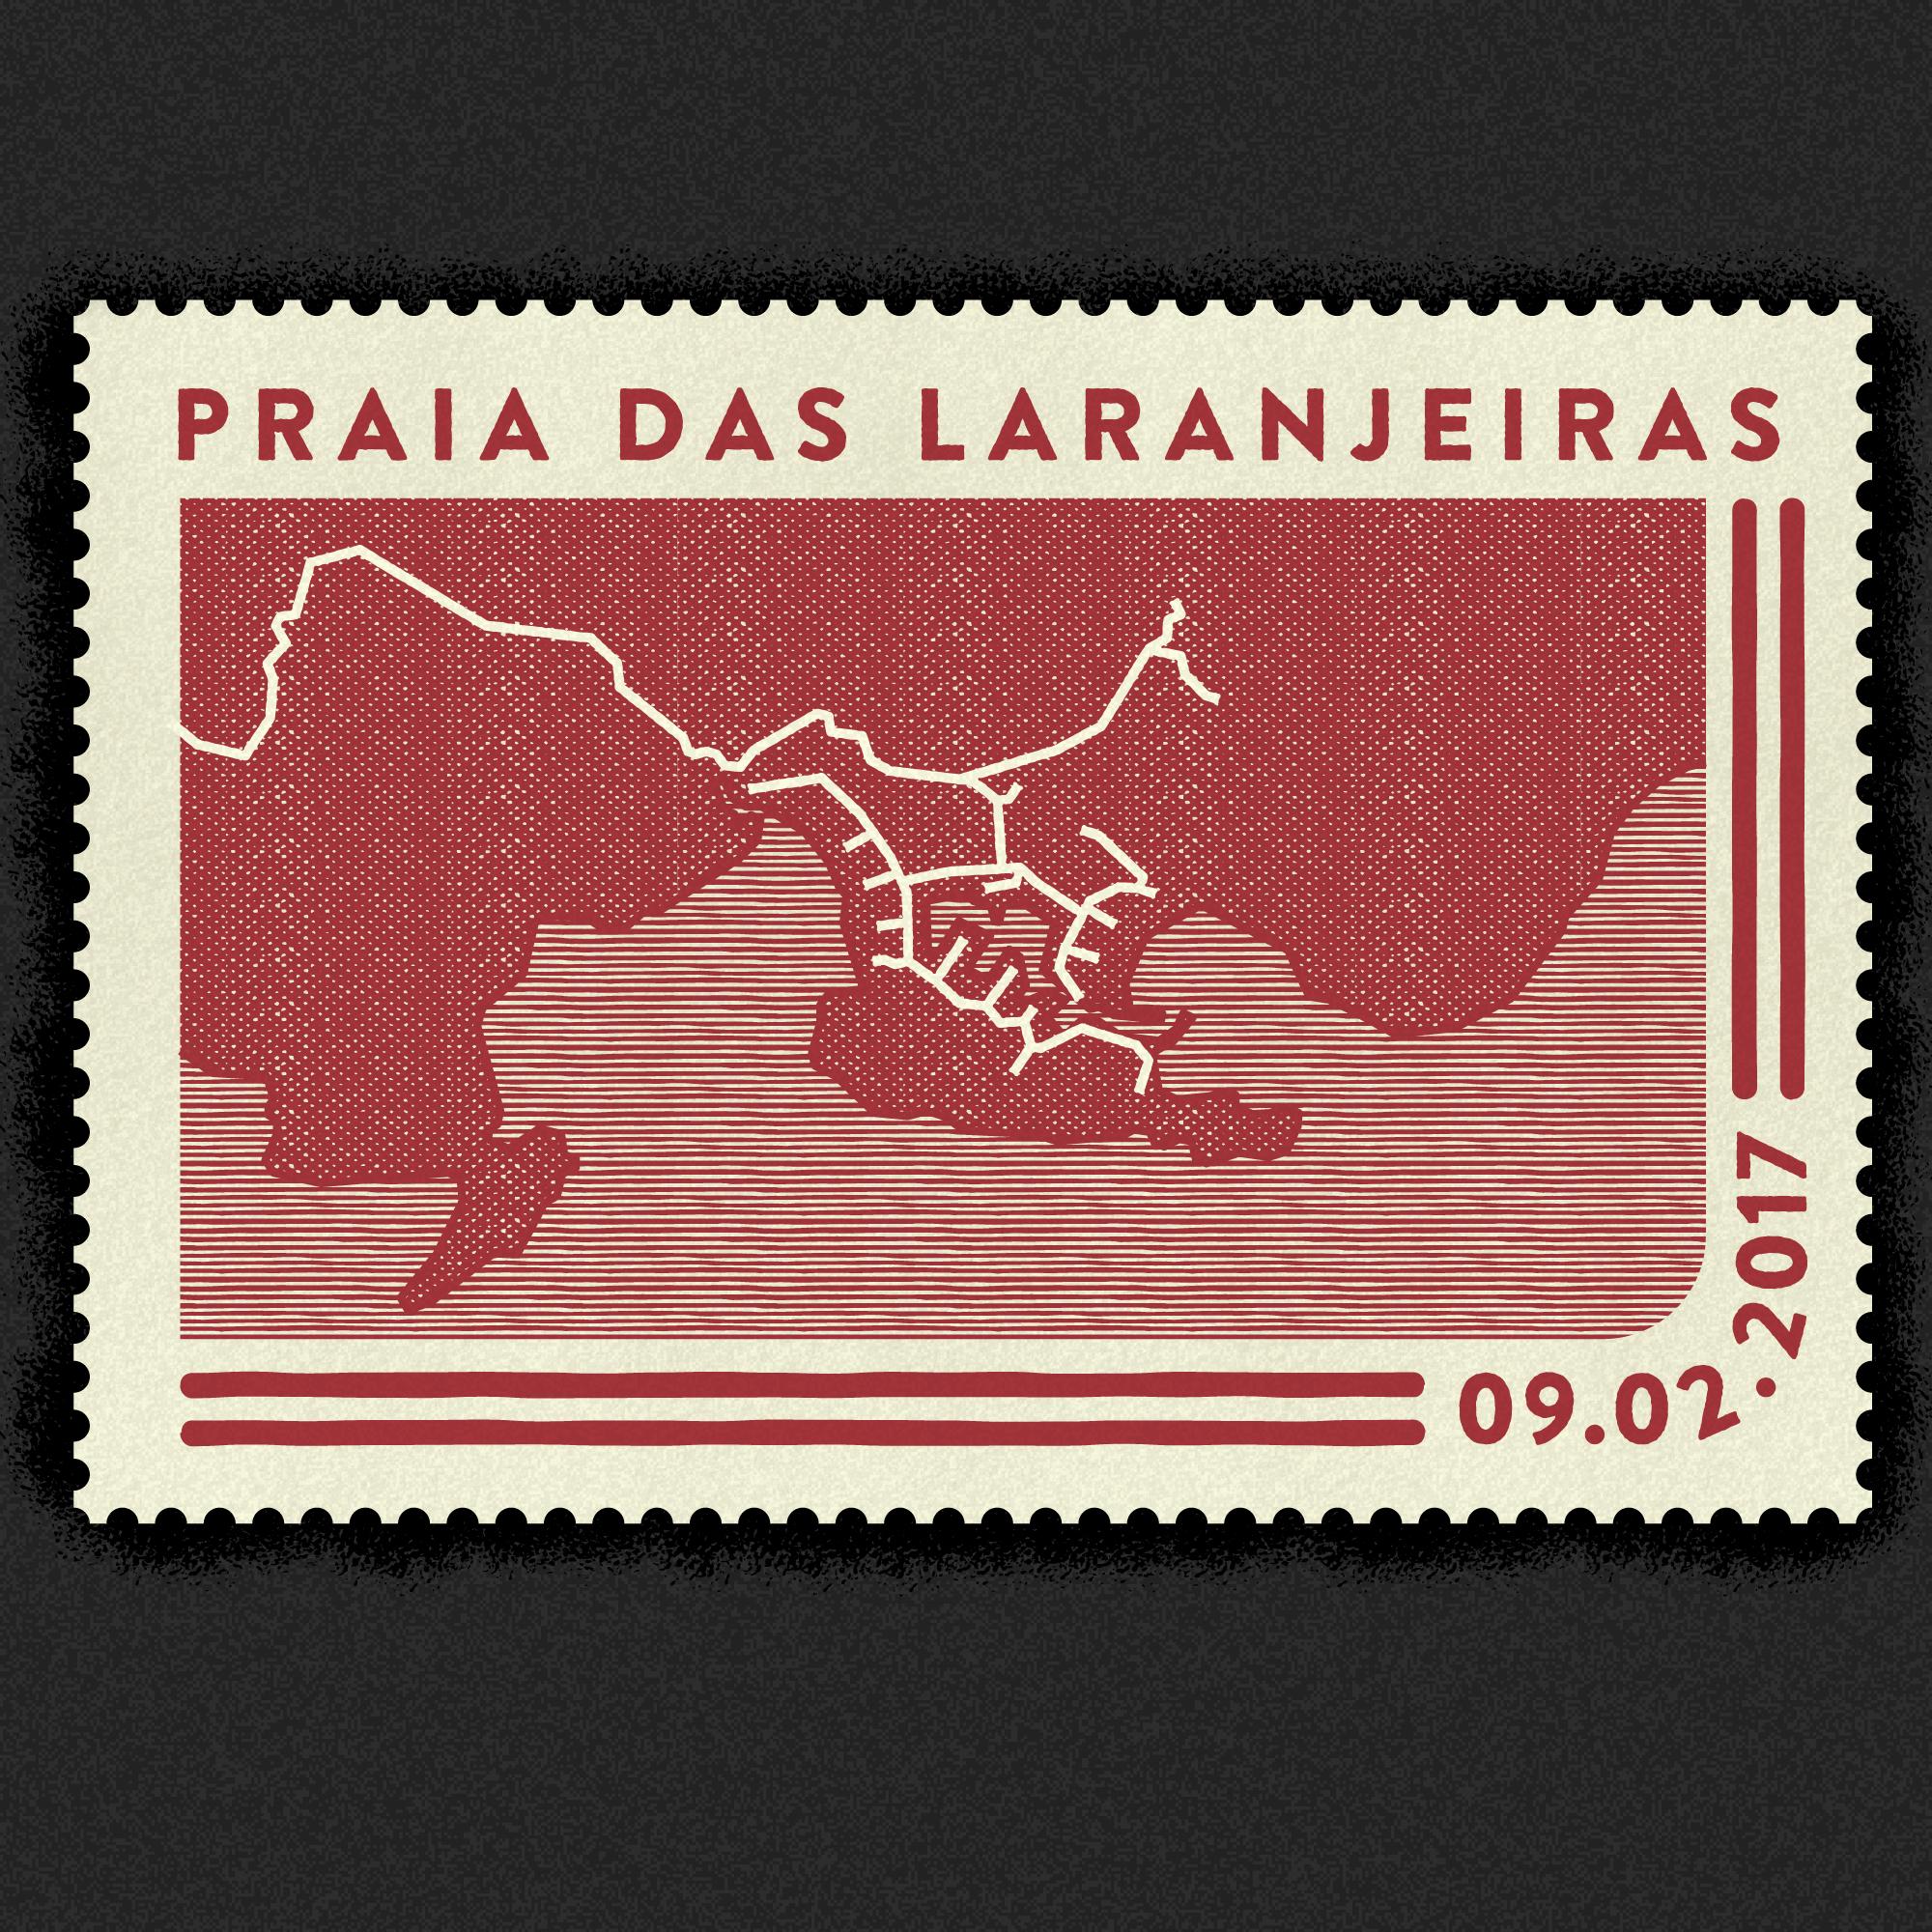 Praia das Laranjeiras vintage map stamp